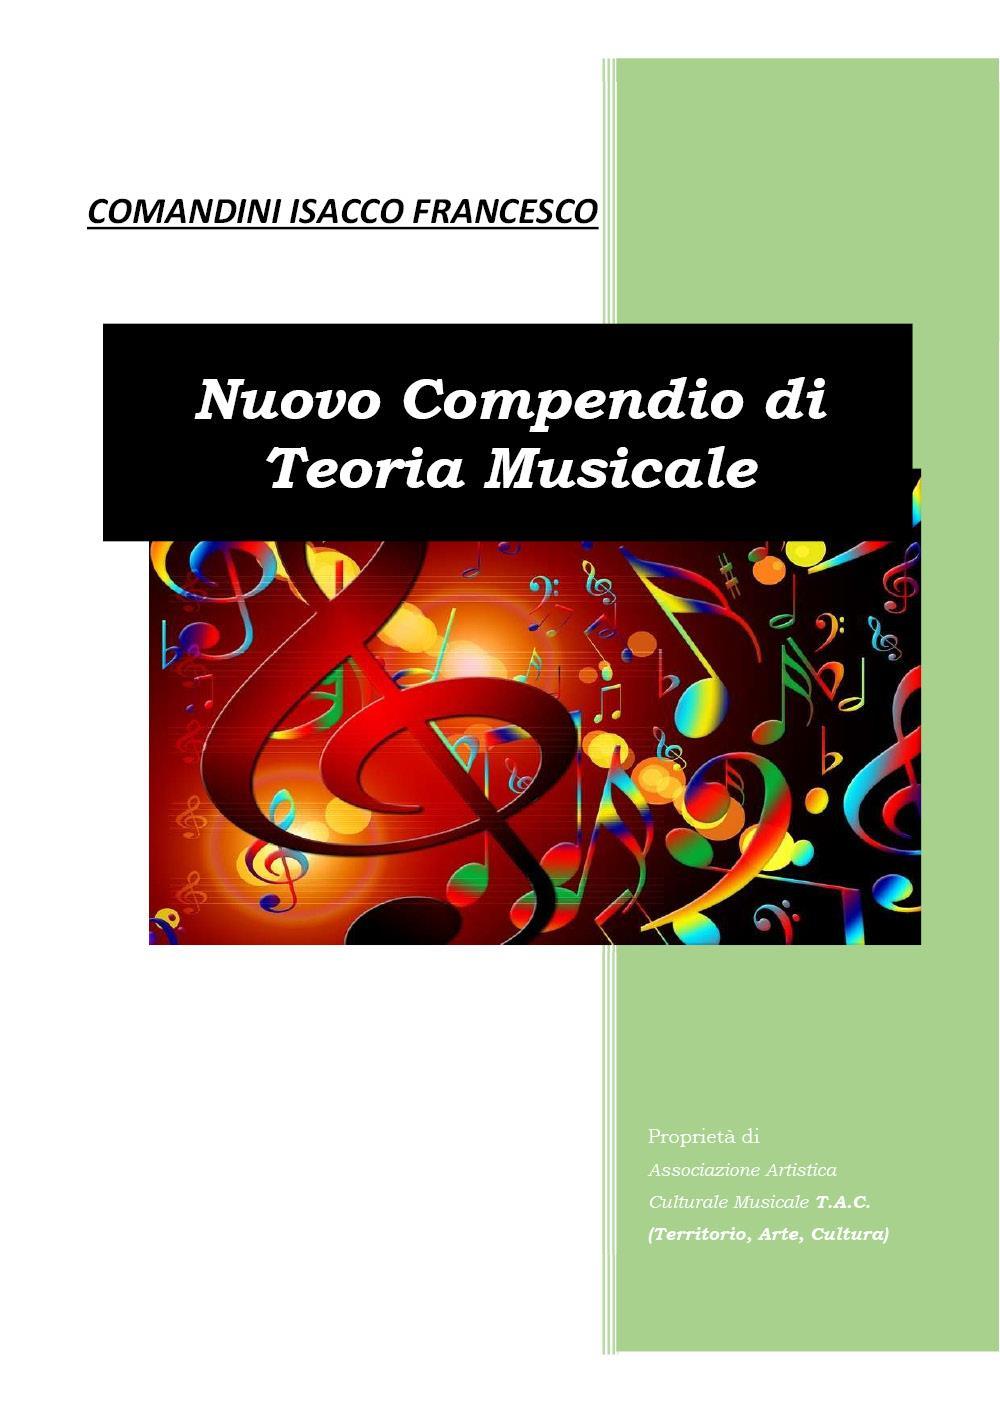 Nuovo Compendio di Teoria musicale